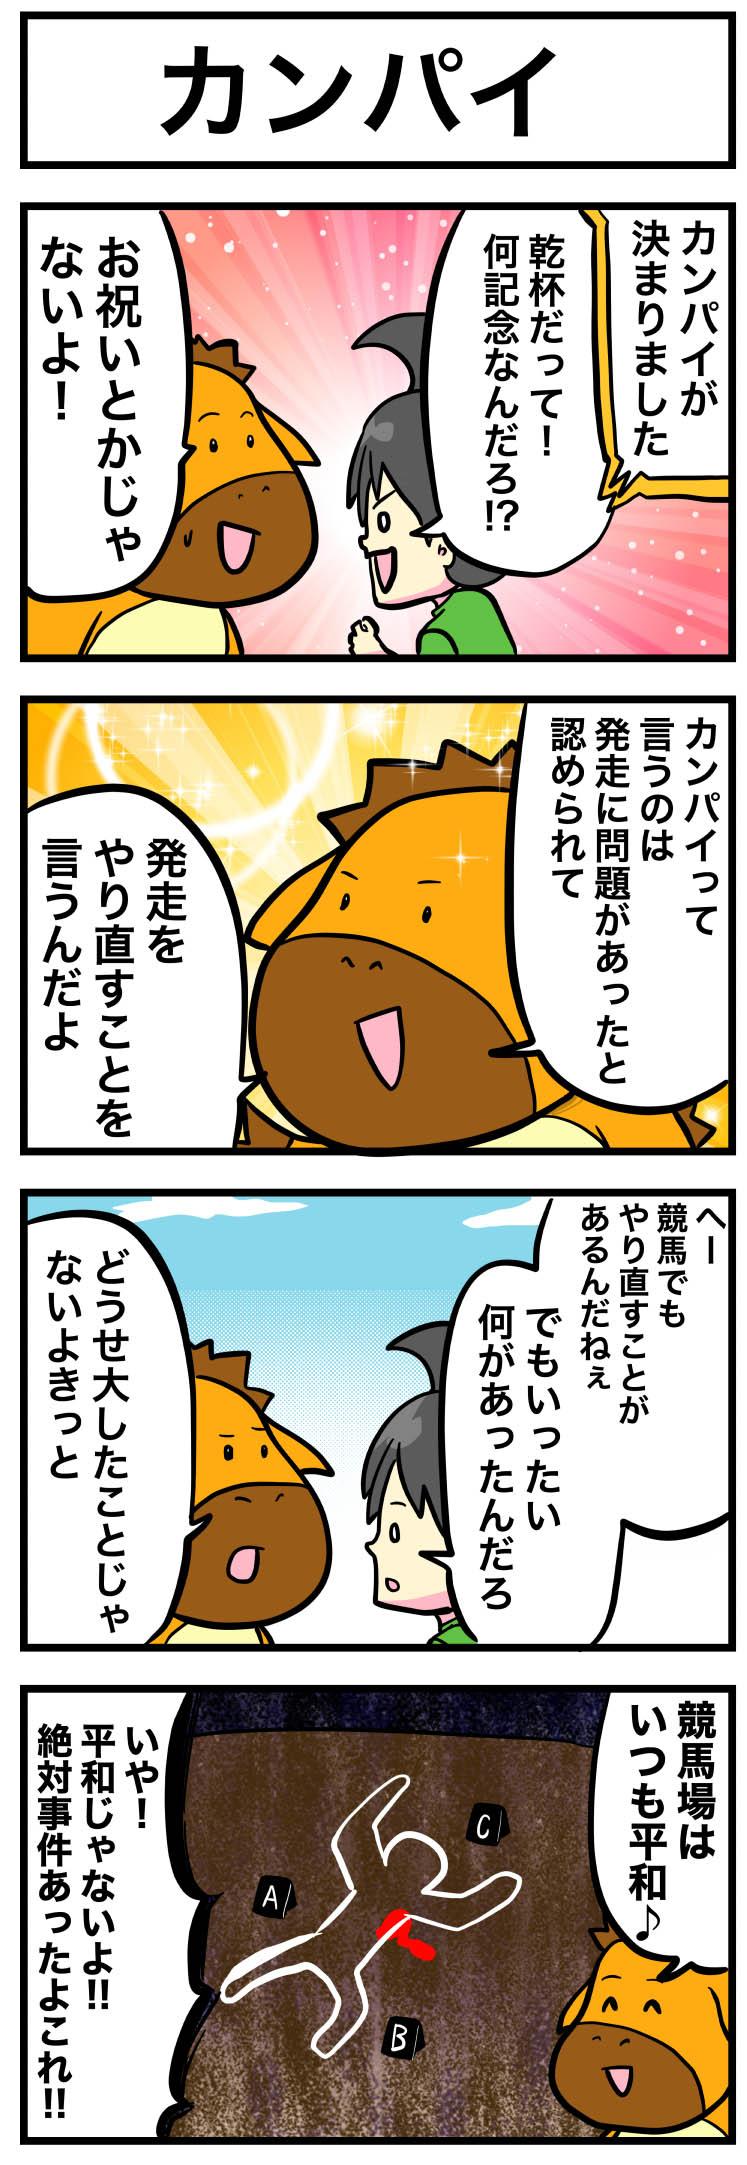 カンパイ【うま吉の鉄板穴馬マンガ】